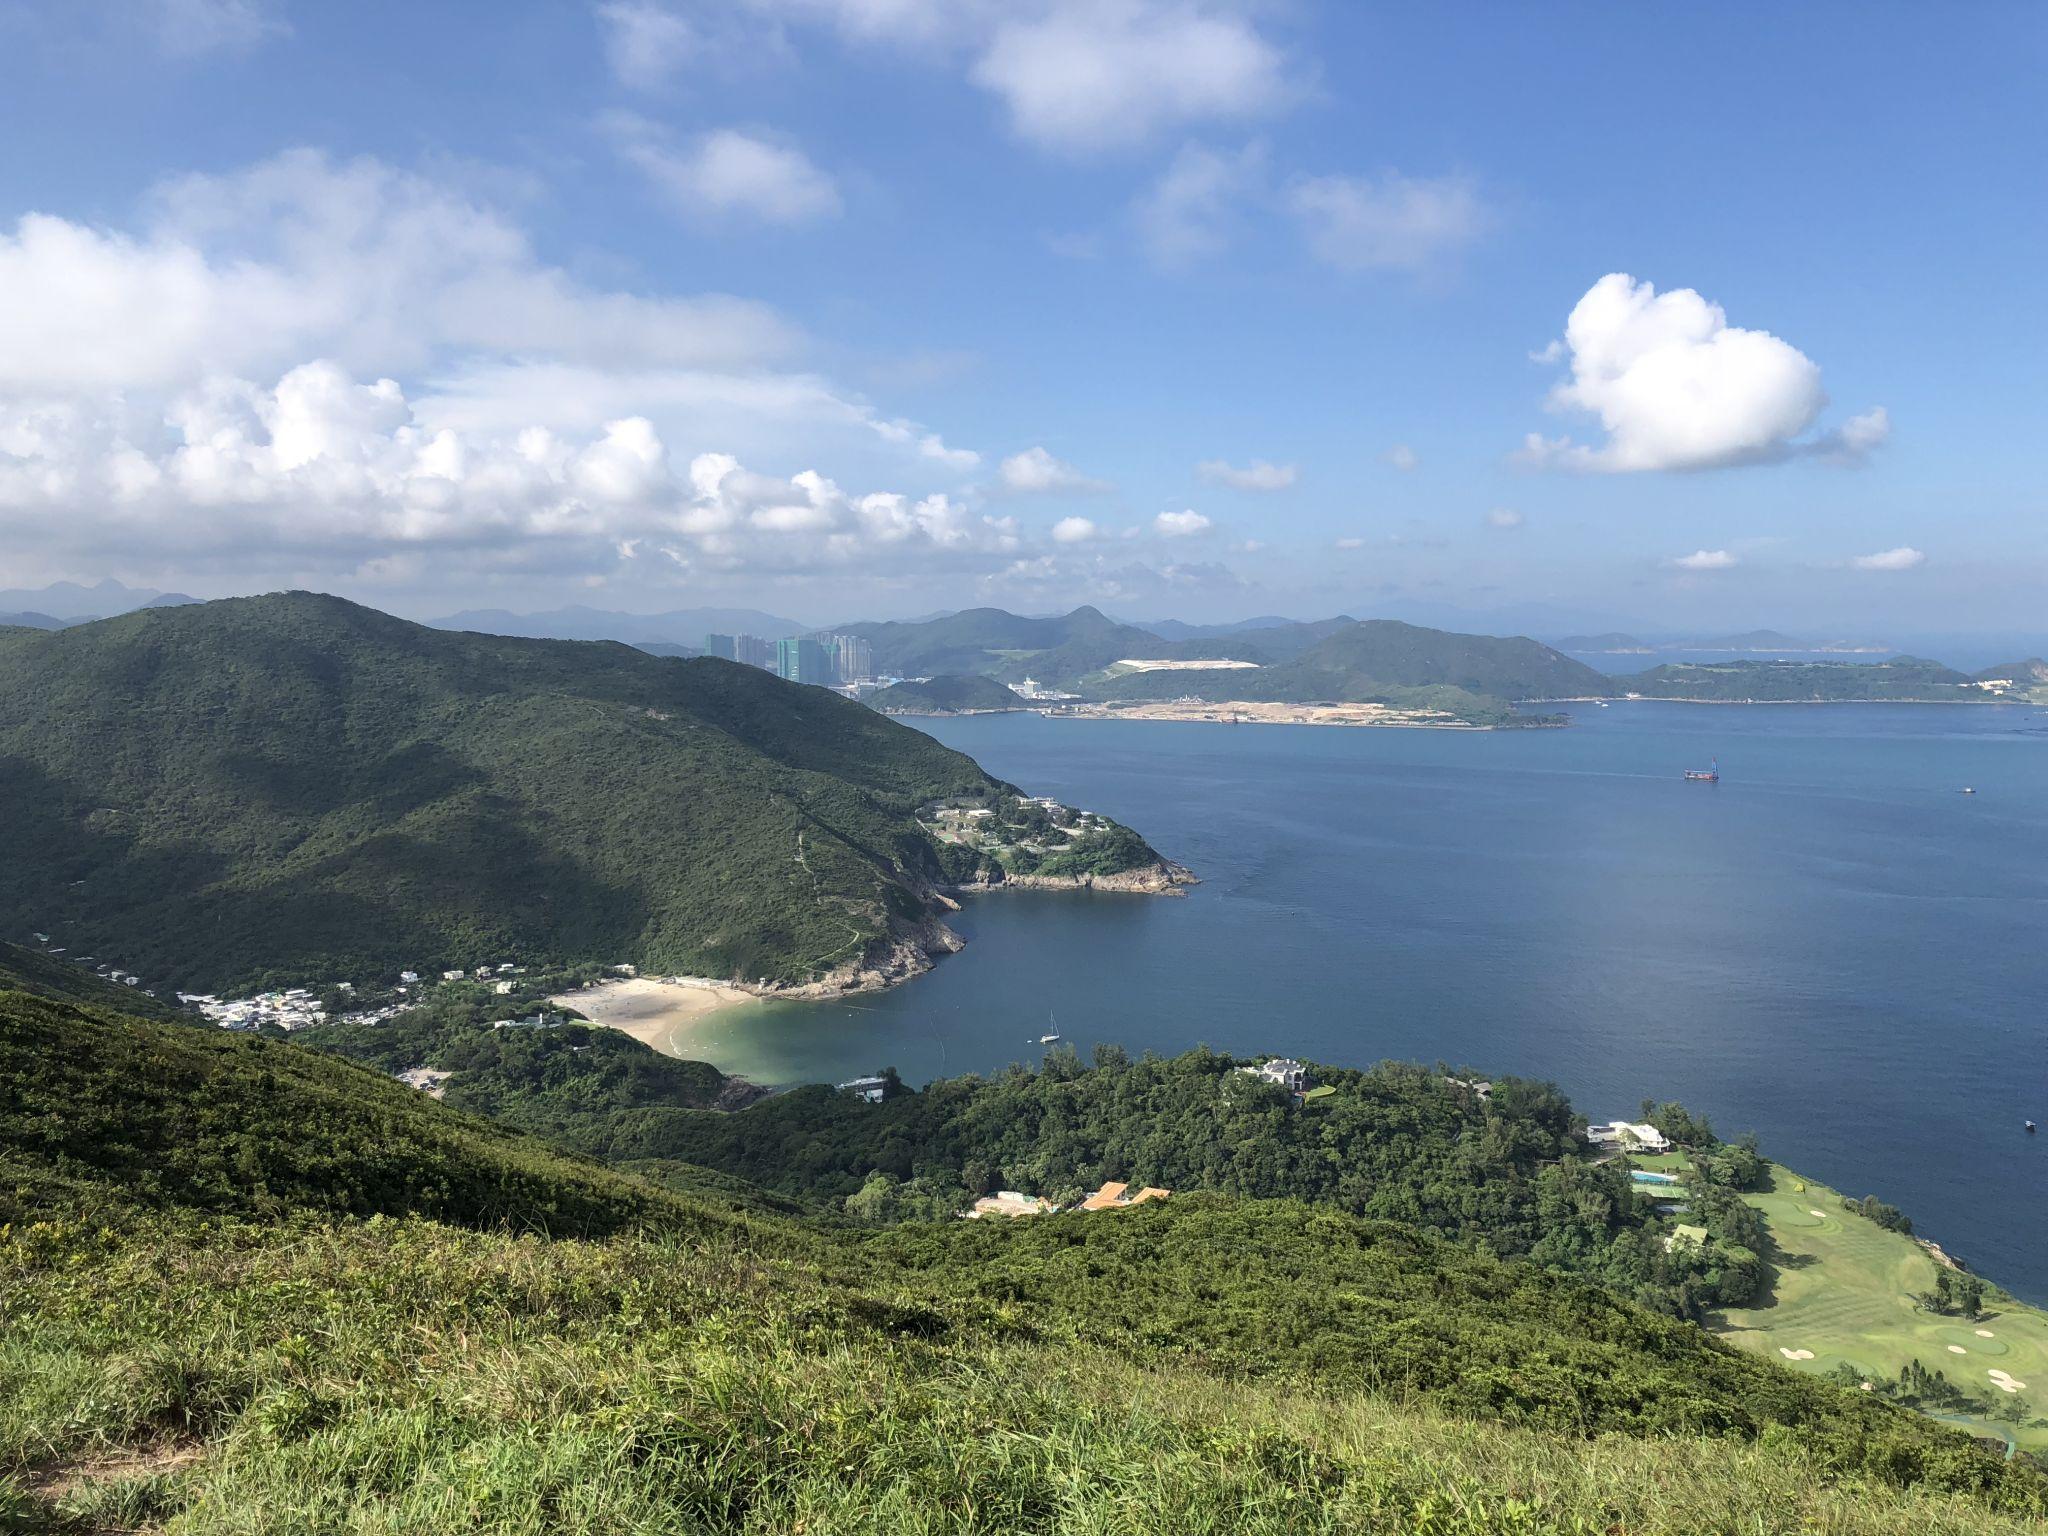 Dragon's back trail, Hong Kong